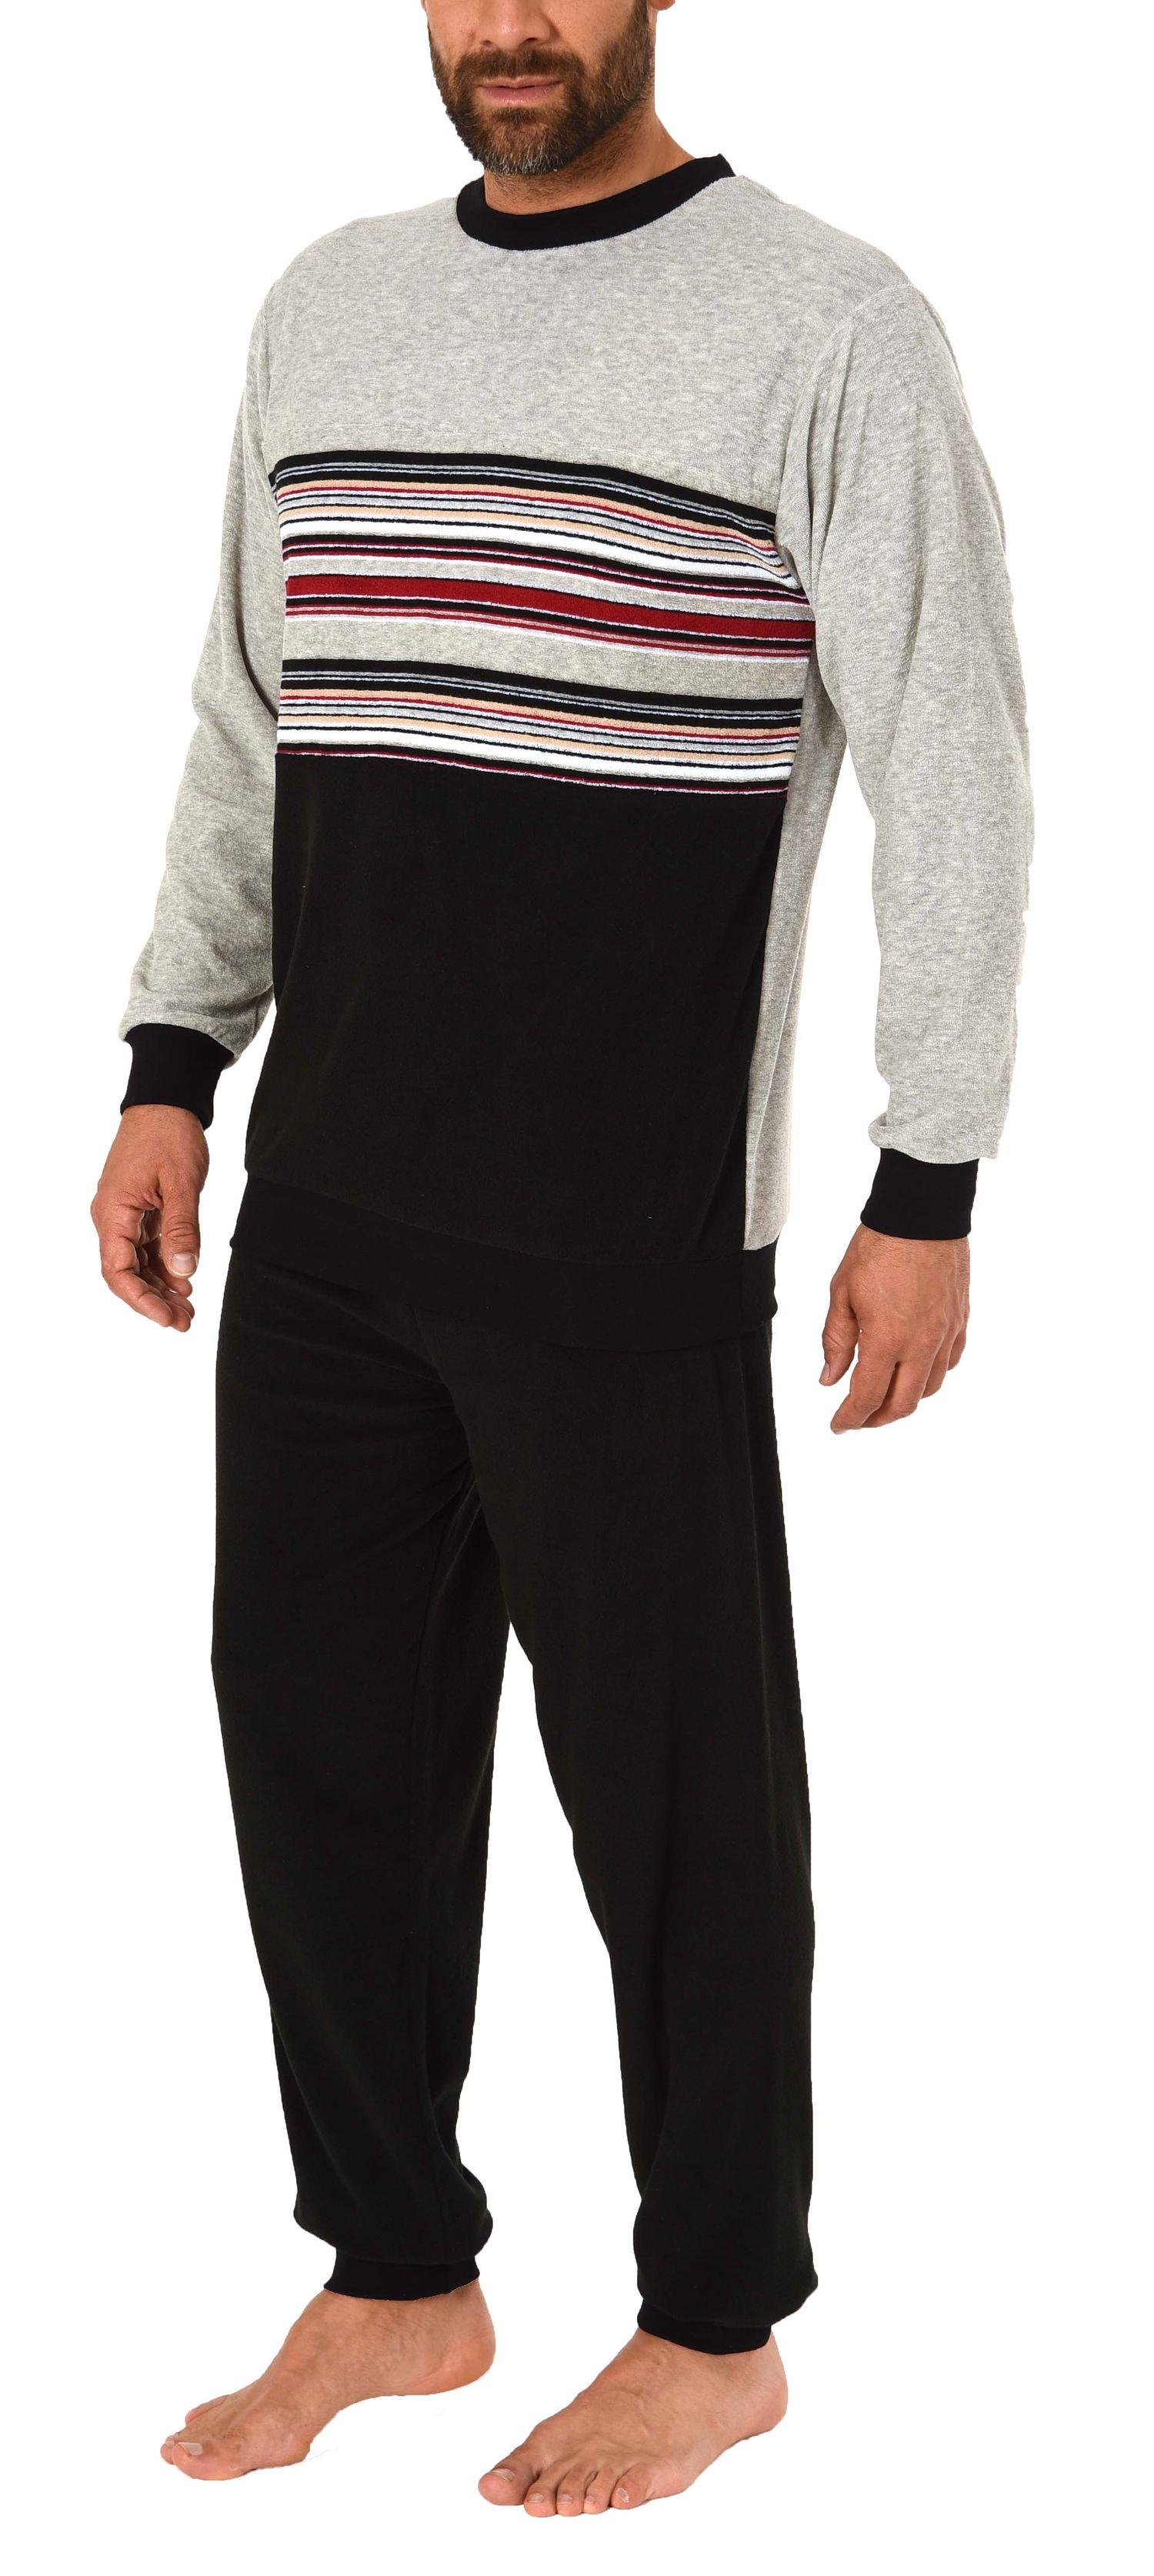 Eleganter Herren Frottee, Pyjama Schlafanzug mit Bündchen, auch in Übergrößen - 281 101 93 004